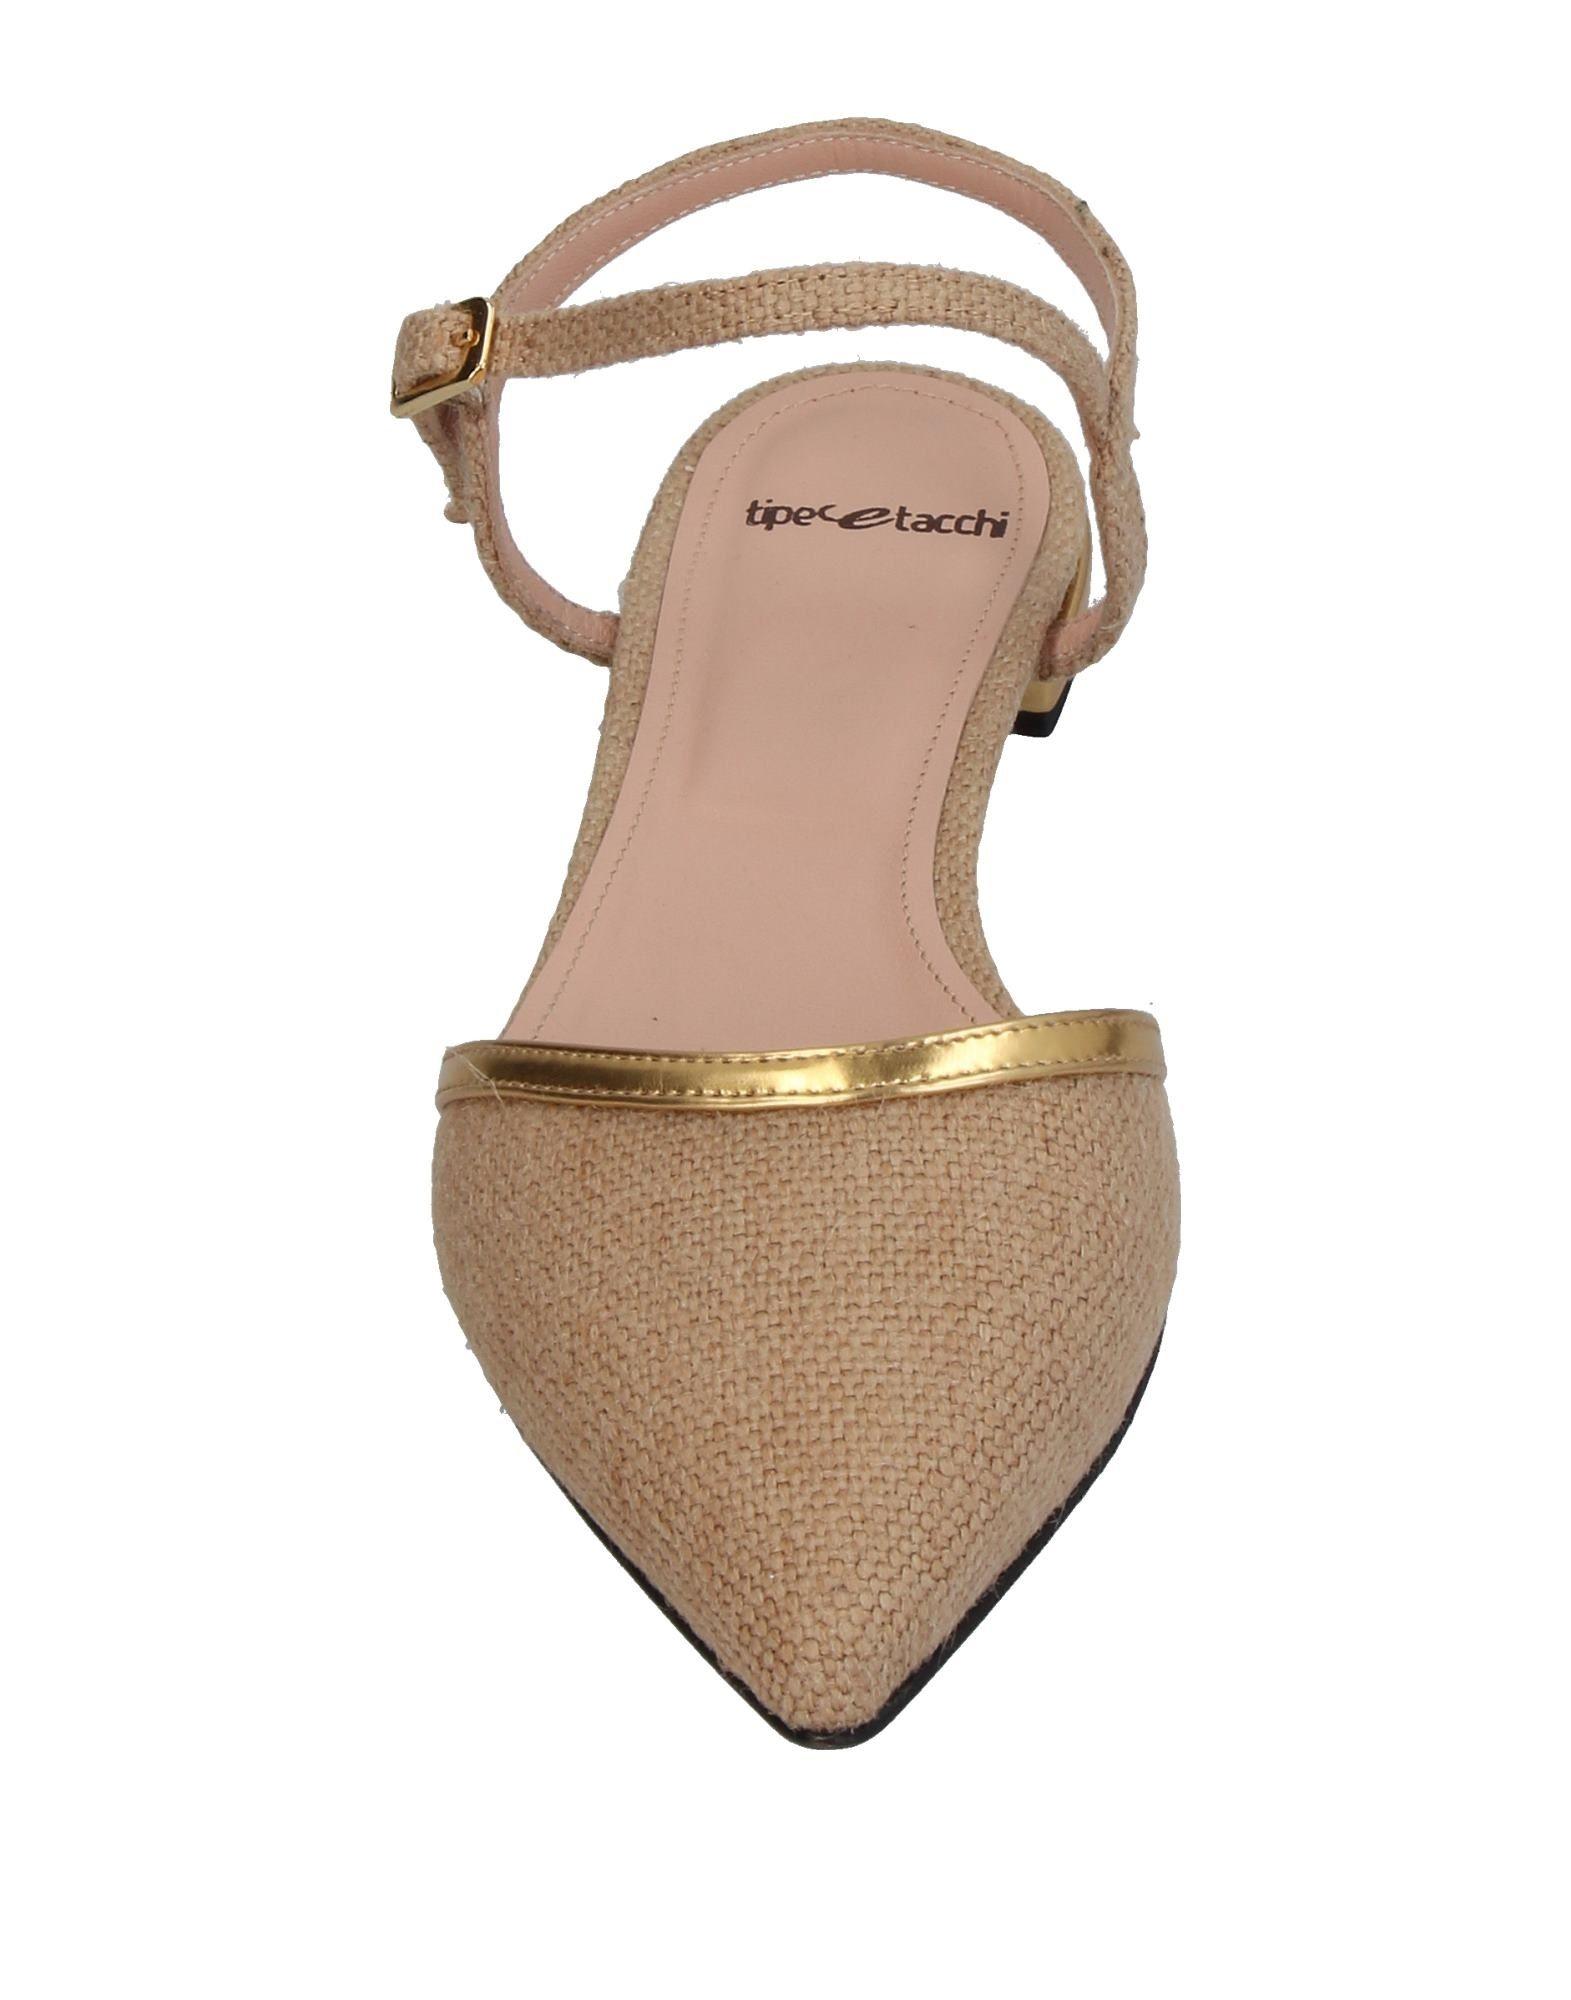 Gut Tacchi um billige Schuhe zu tragenTipe E Tacchi Gut Ballerinas Damen  11408325NM 14d573